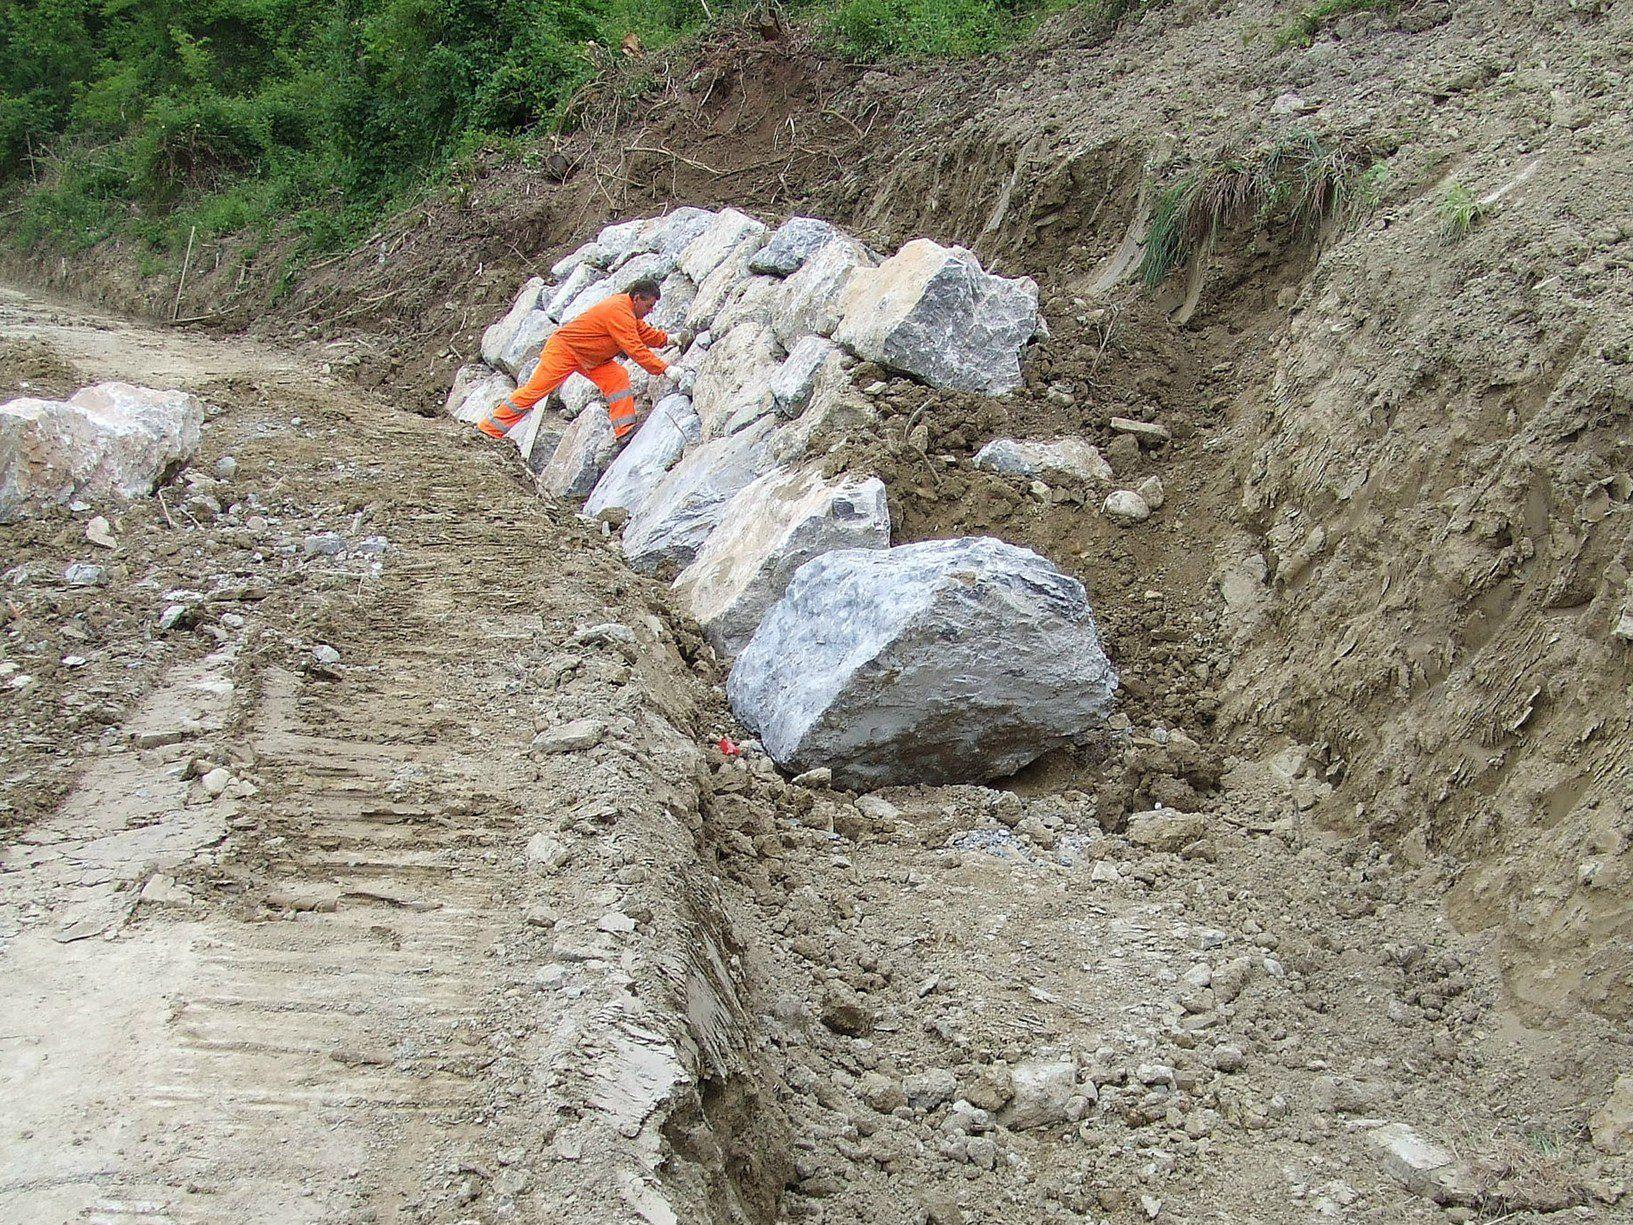 Dissesto idrogeologico: 700 milioni di euro per opere immediatamente cantierabili